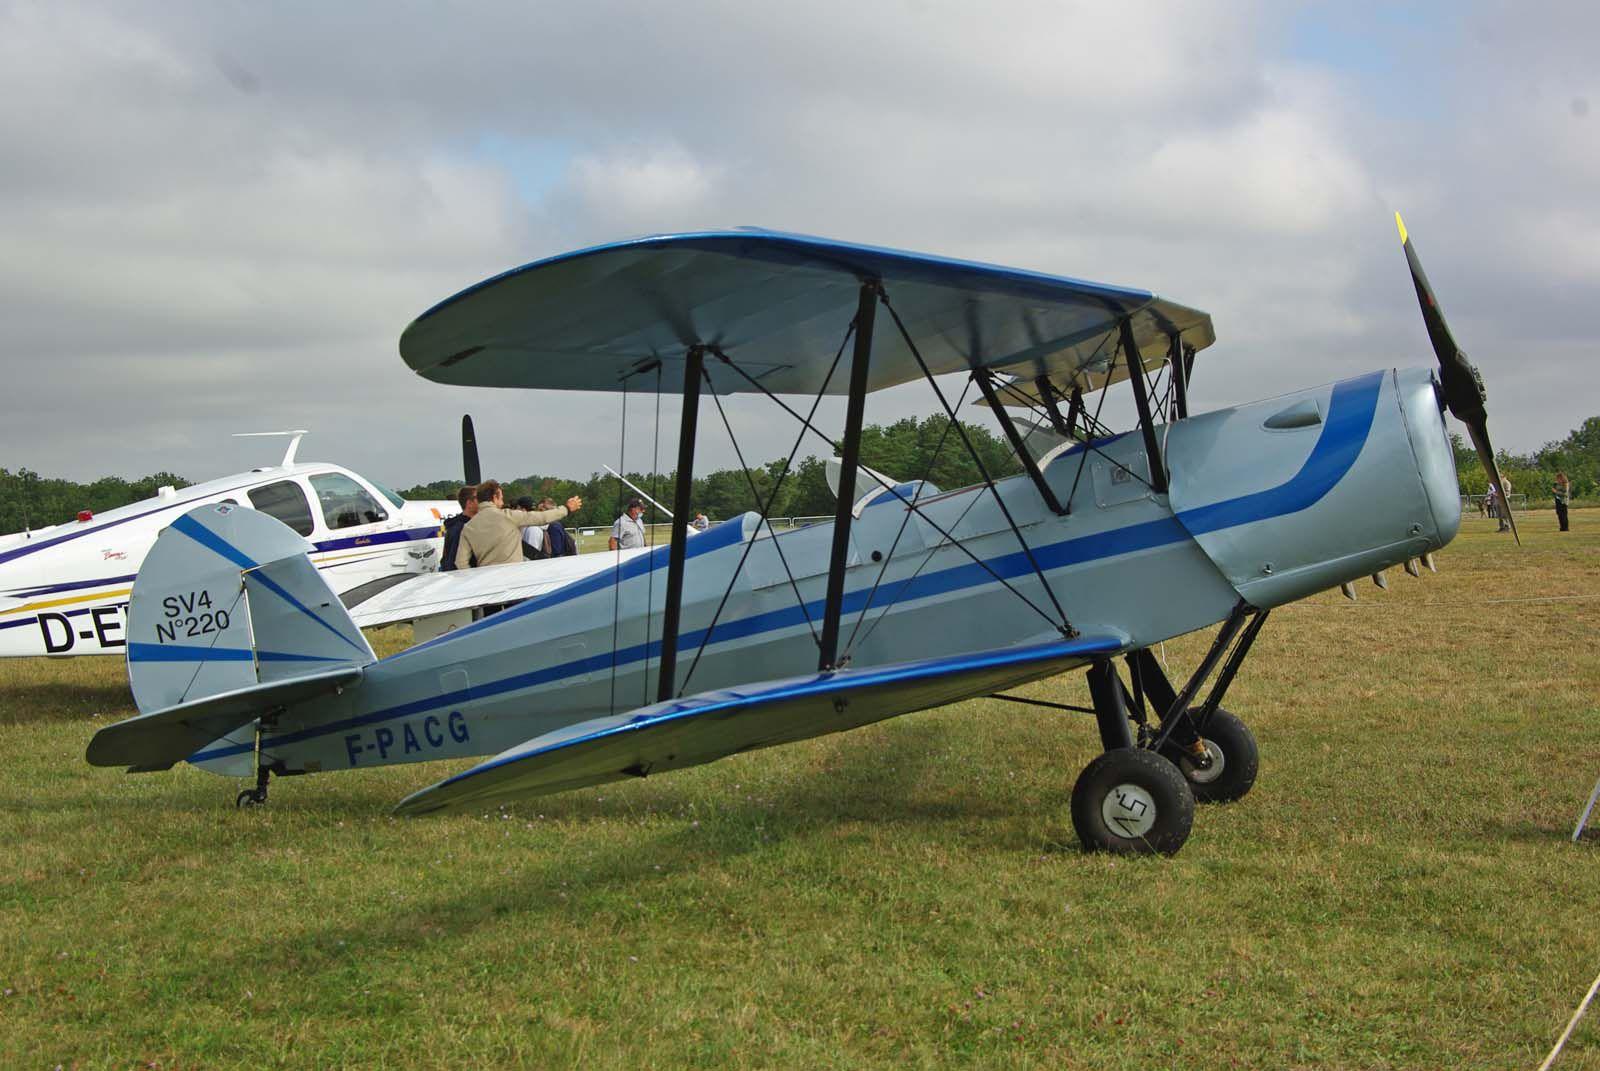 Restons avec les avions à la déco grise et bleu comme ce Stampe SV-4C N°220 F-PACG.